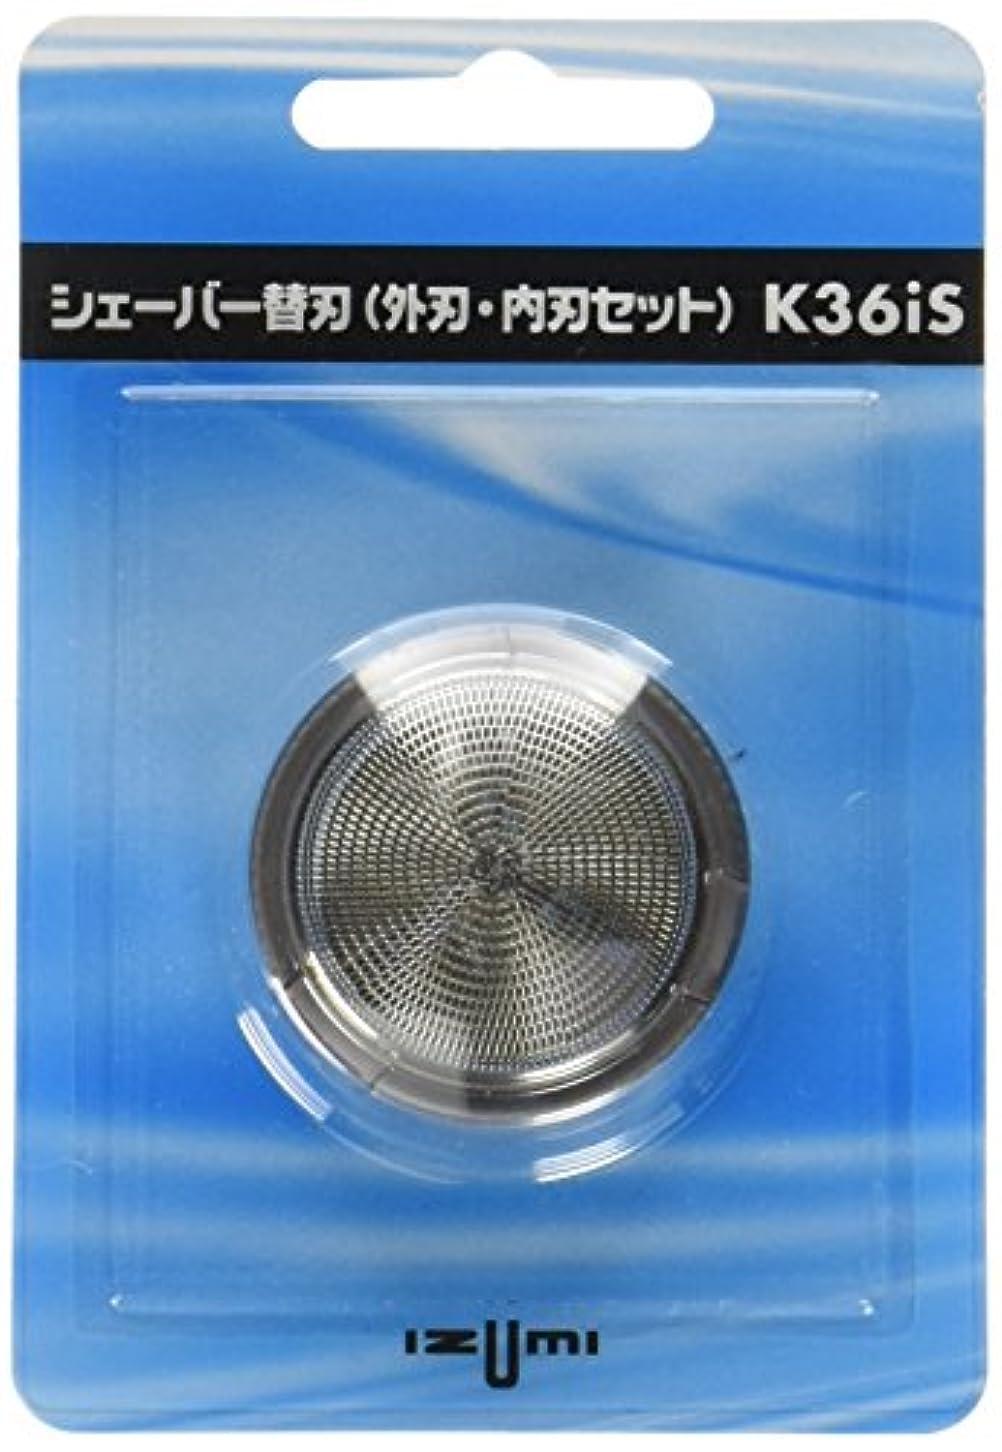 恐怖補正気を散らすIZUMI 回転式シェーバー用内刃?外刃セット K36iS